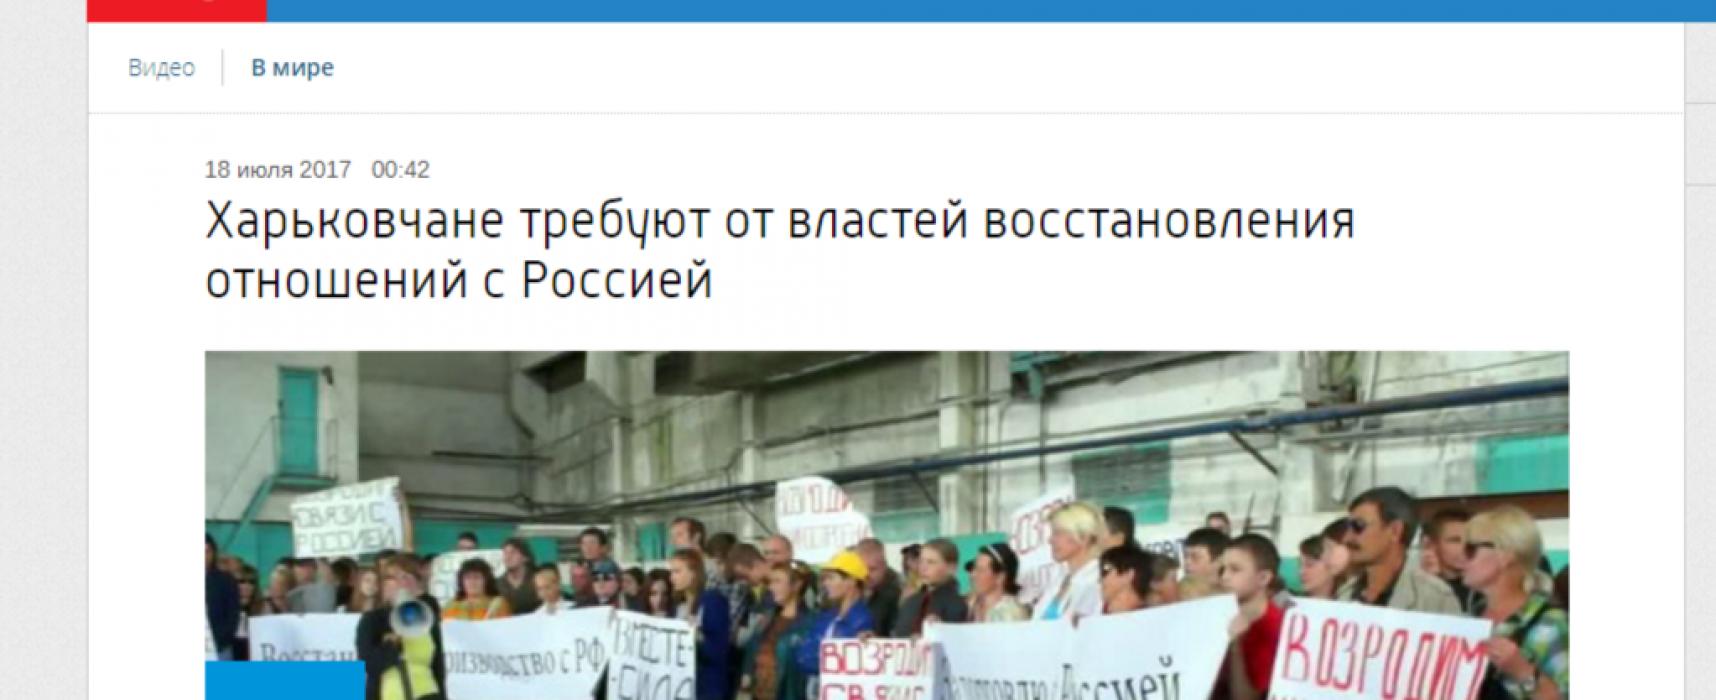 Фейк российских новостей: в Харькове митинговали за восстановление экономических связей с Россией